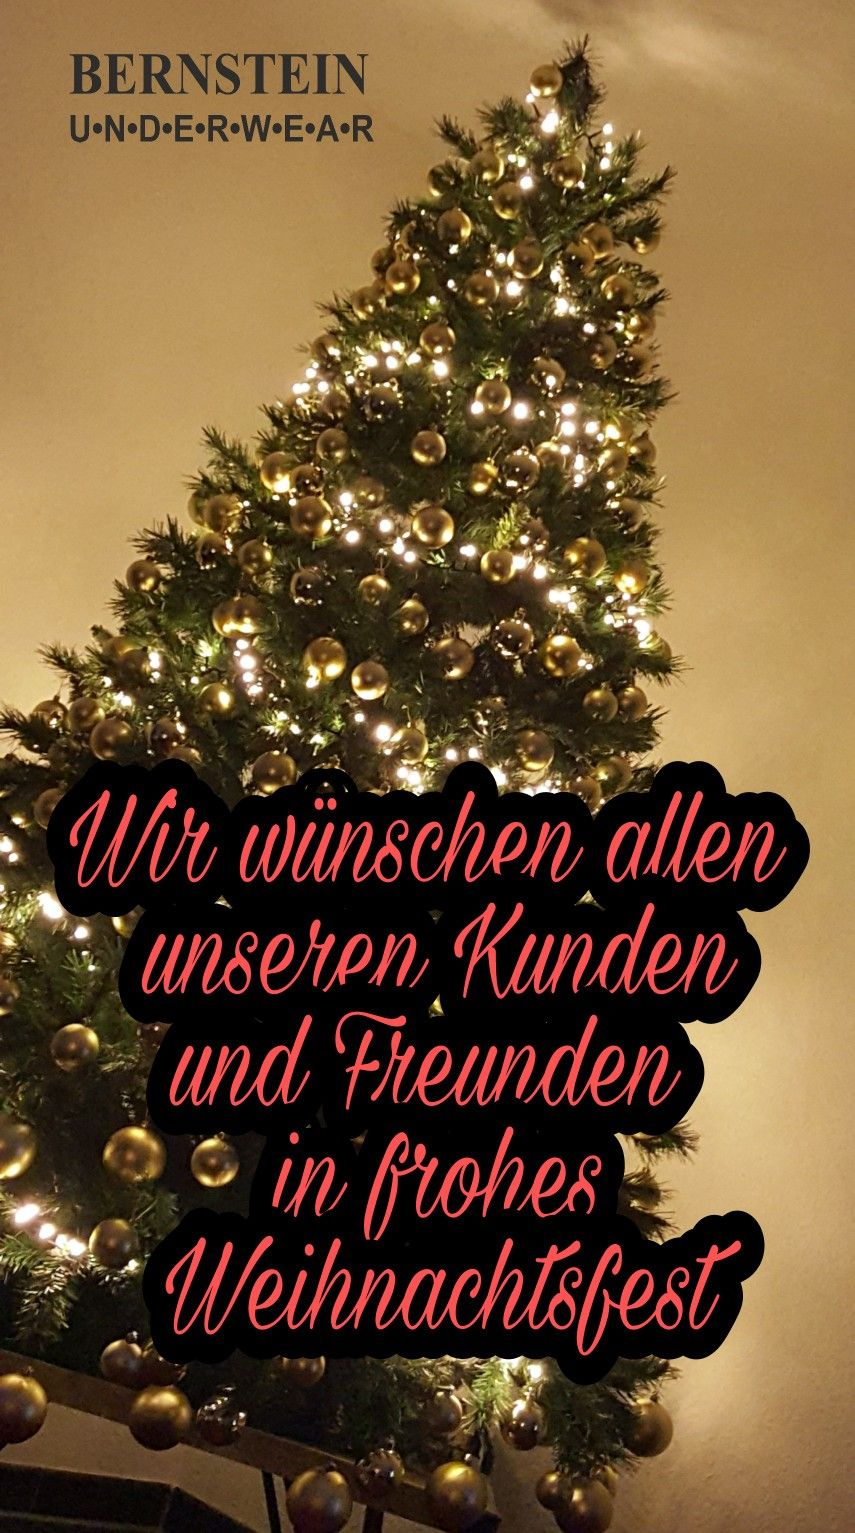 Frohe Weihnachten #bernstein_underwear #weihnachten #geschenkideen ...